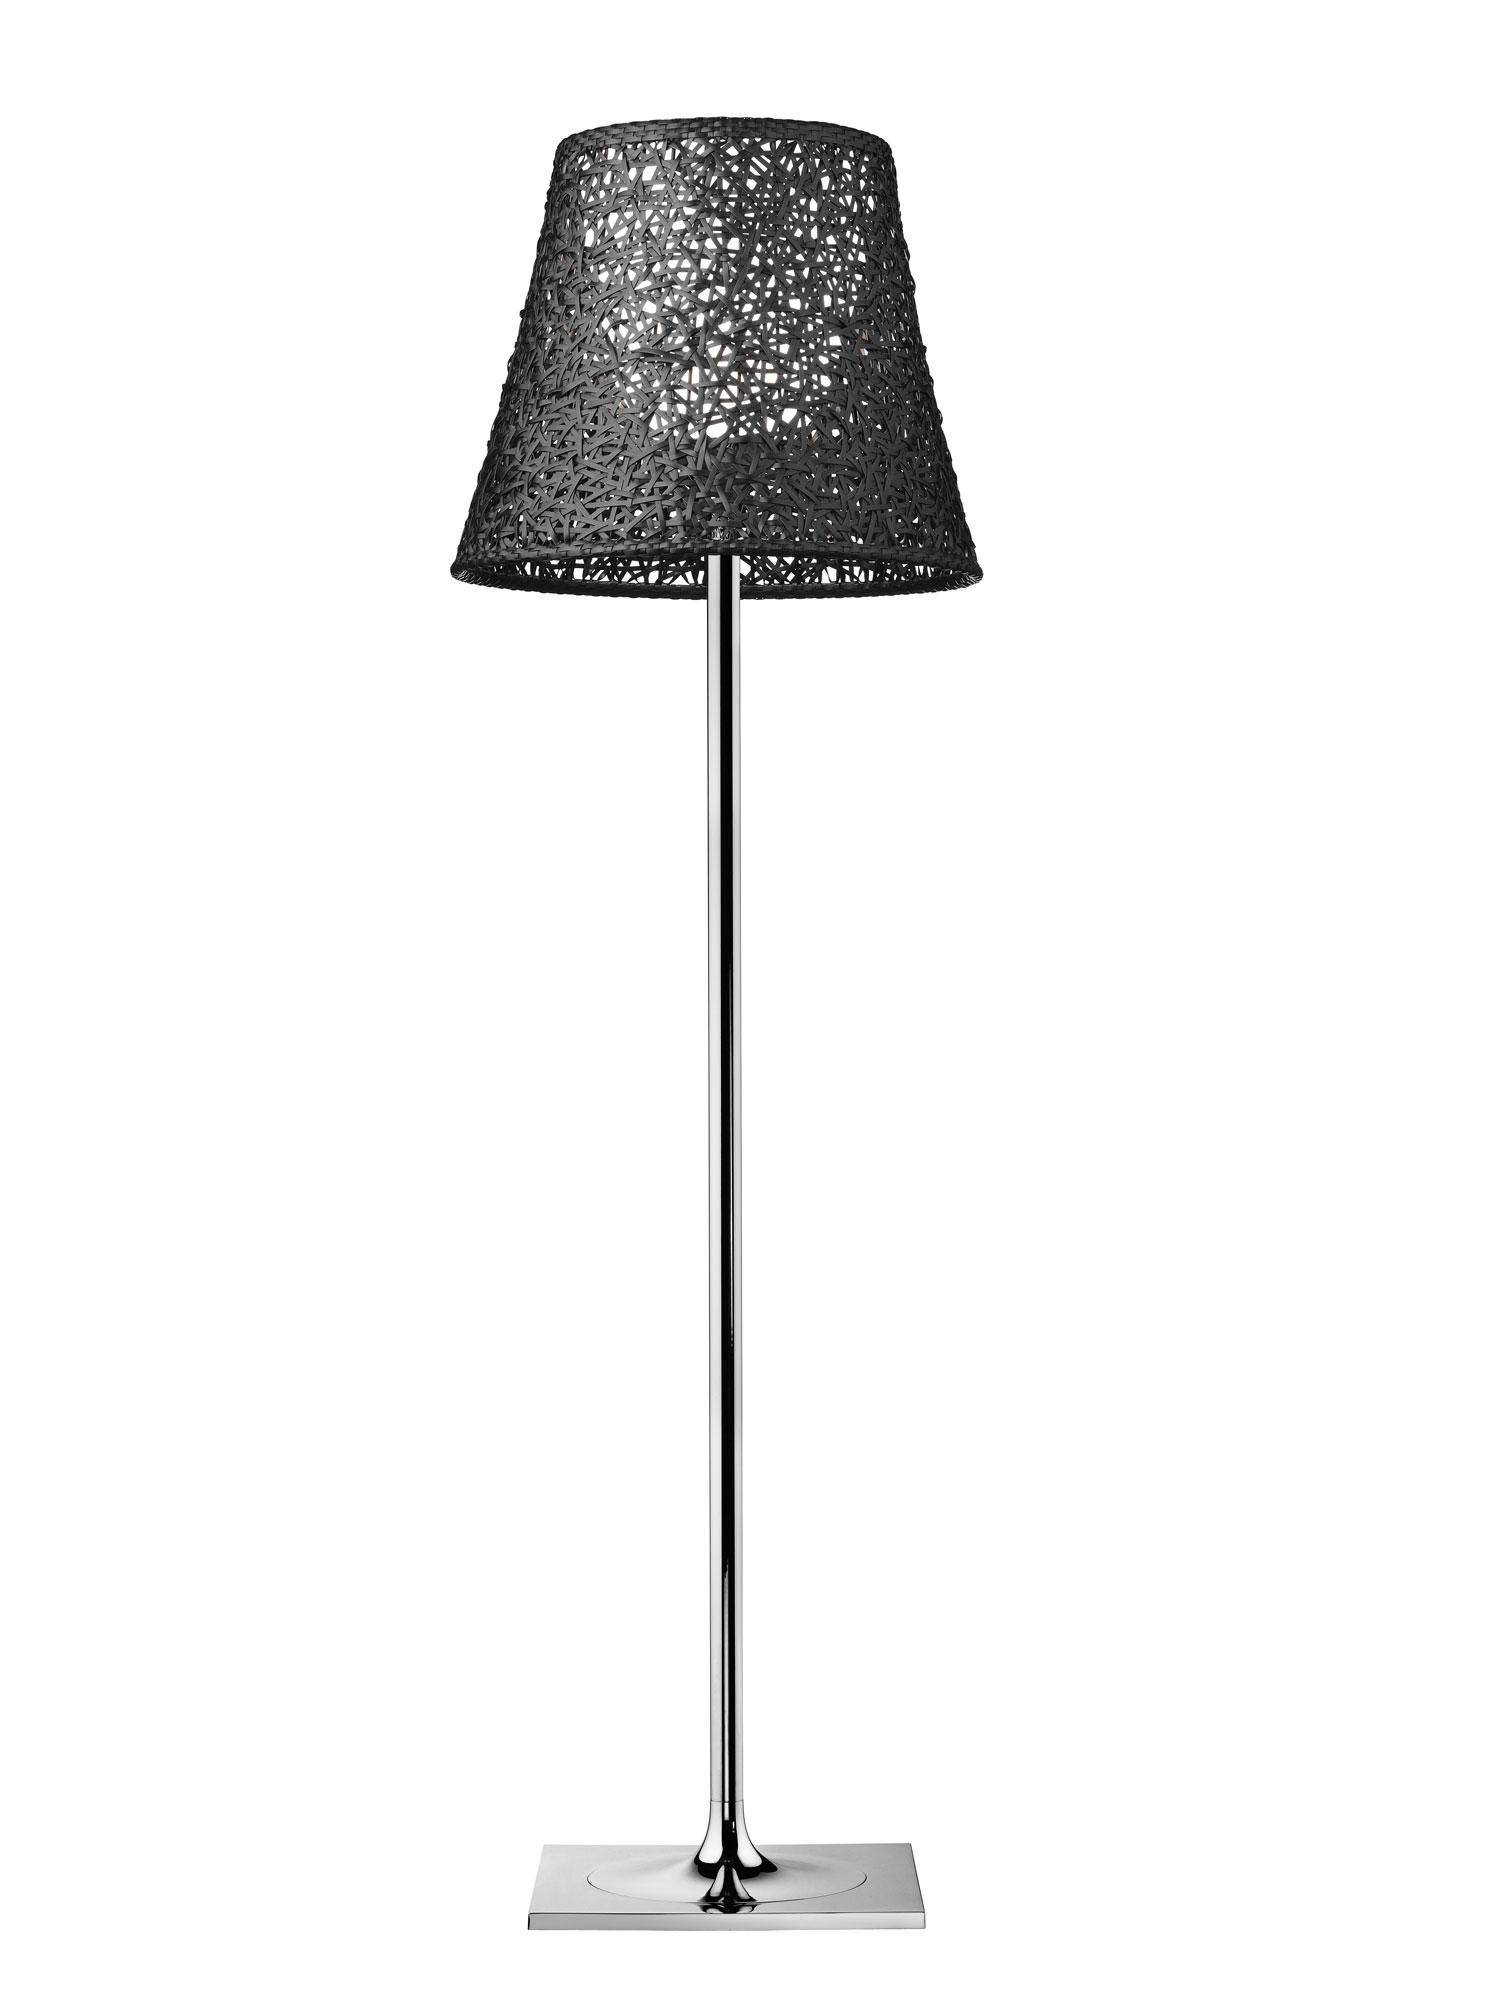 Outdoor floor lamp - Ktribe F3 Outdoor Floor Lamp Download Image